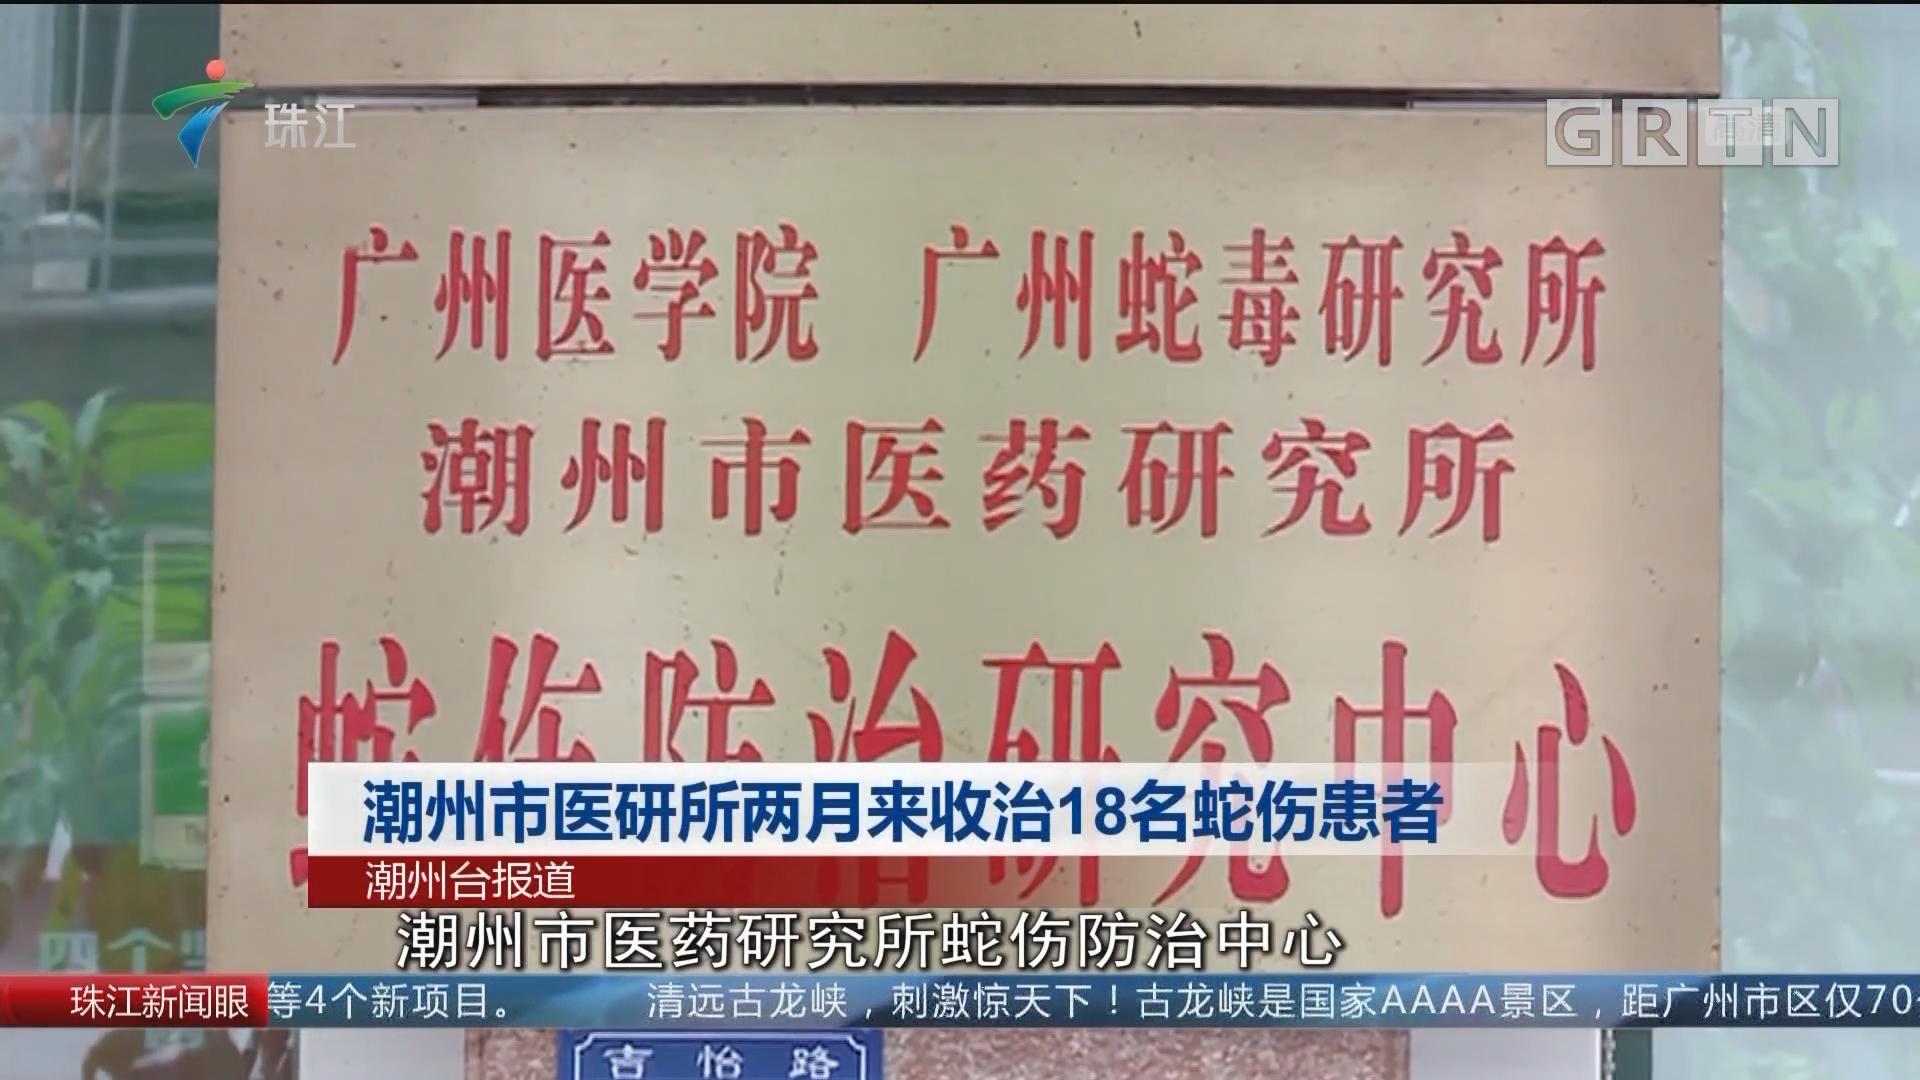 潮州市医研所两月来收治18名蛇伤患者